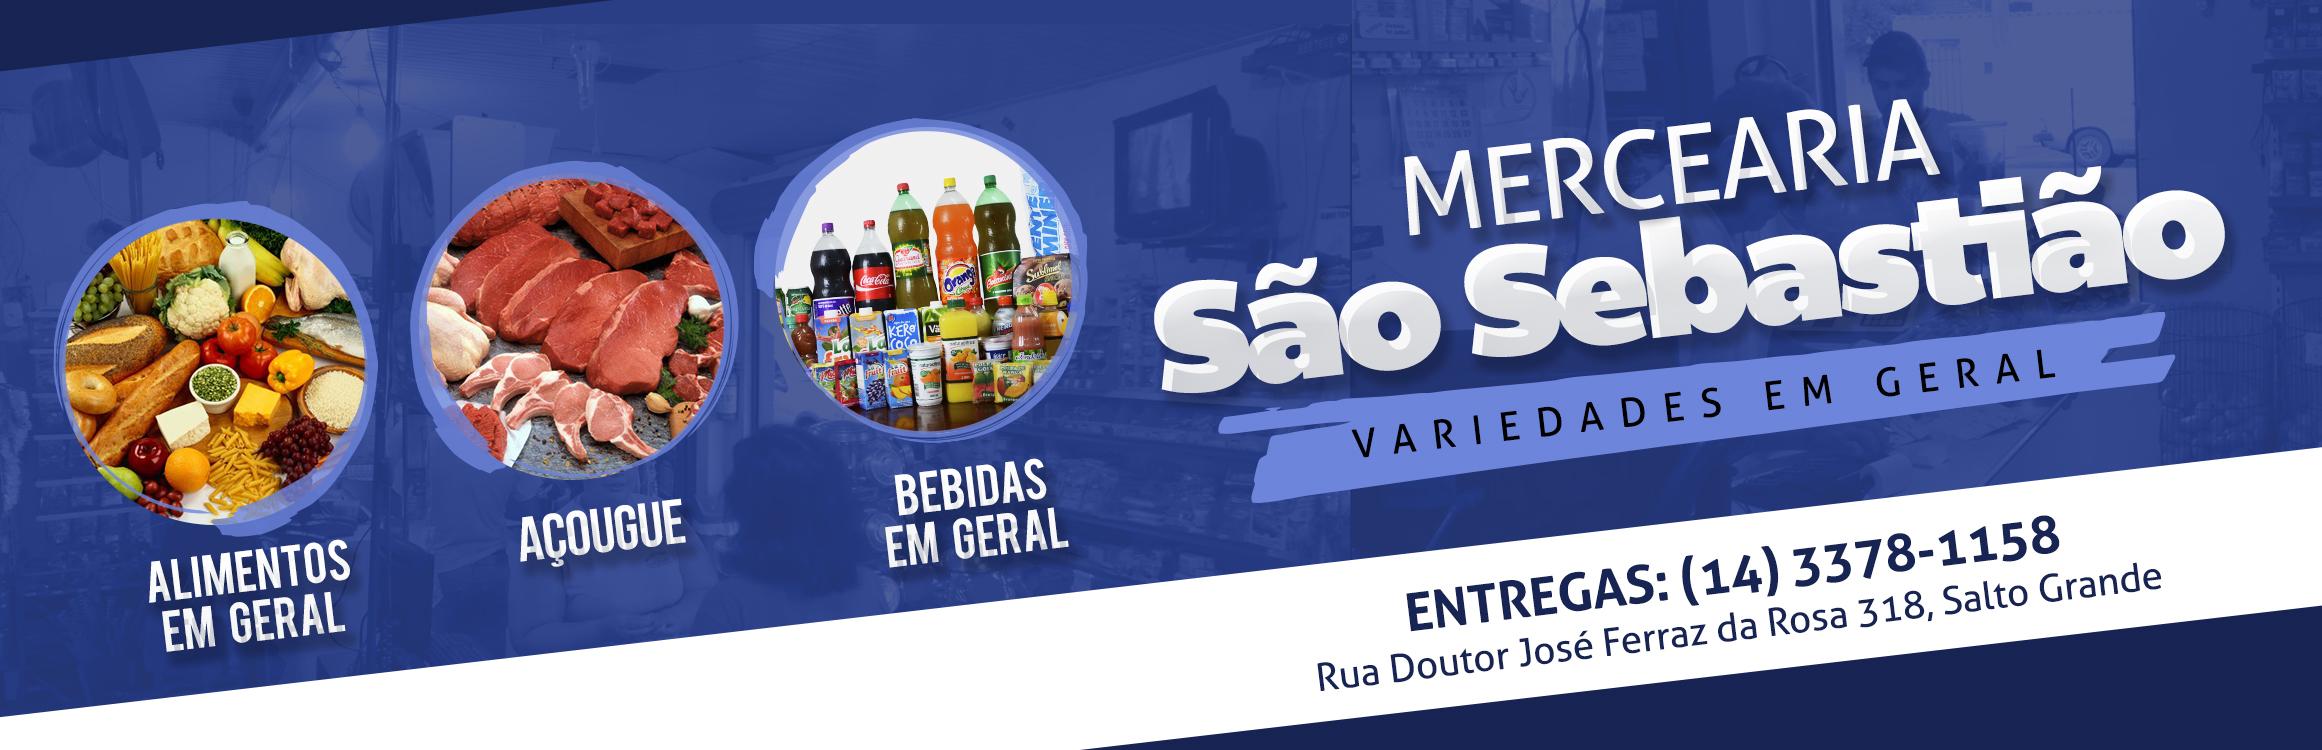 Mercearia São Sebastião